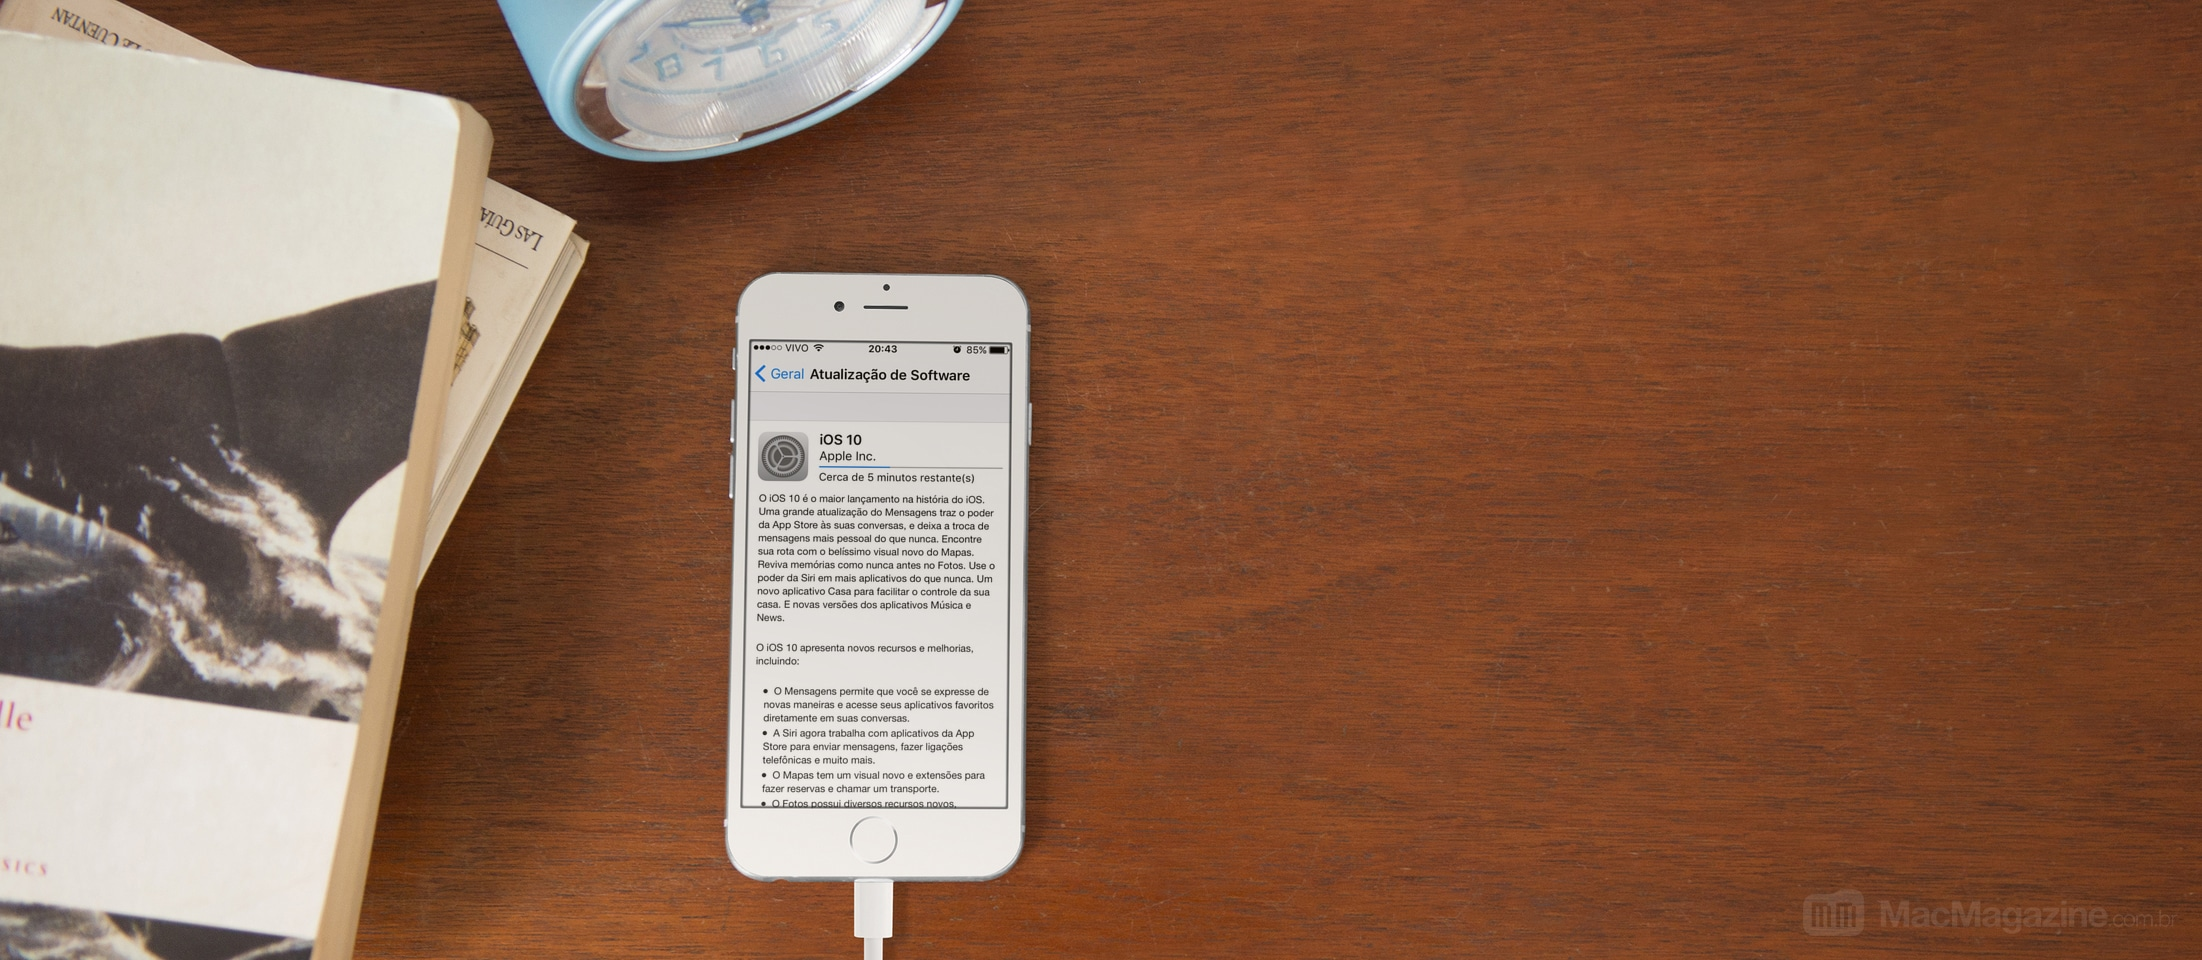 Atualização para o iOS 10